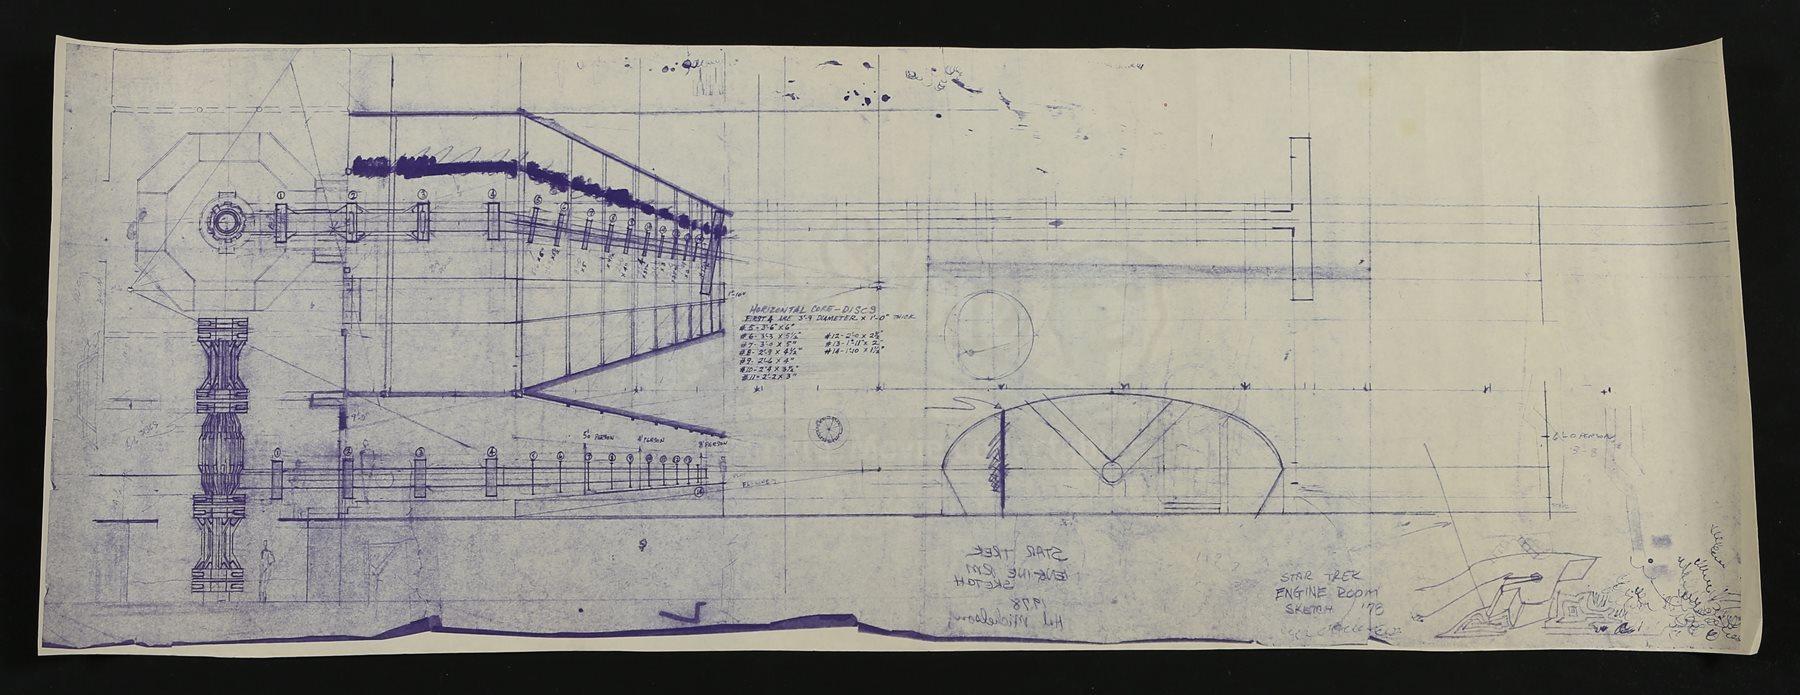 Star Trek The Motion Picture Uss Enterprise Ncc 1701 Engine Room Blueprint Diagram Lot 9